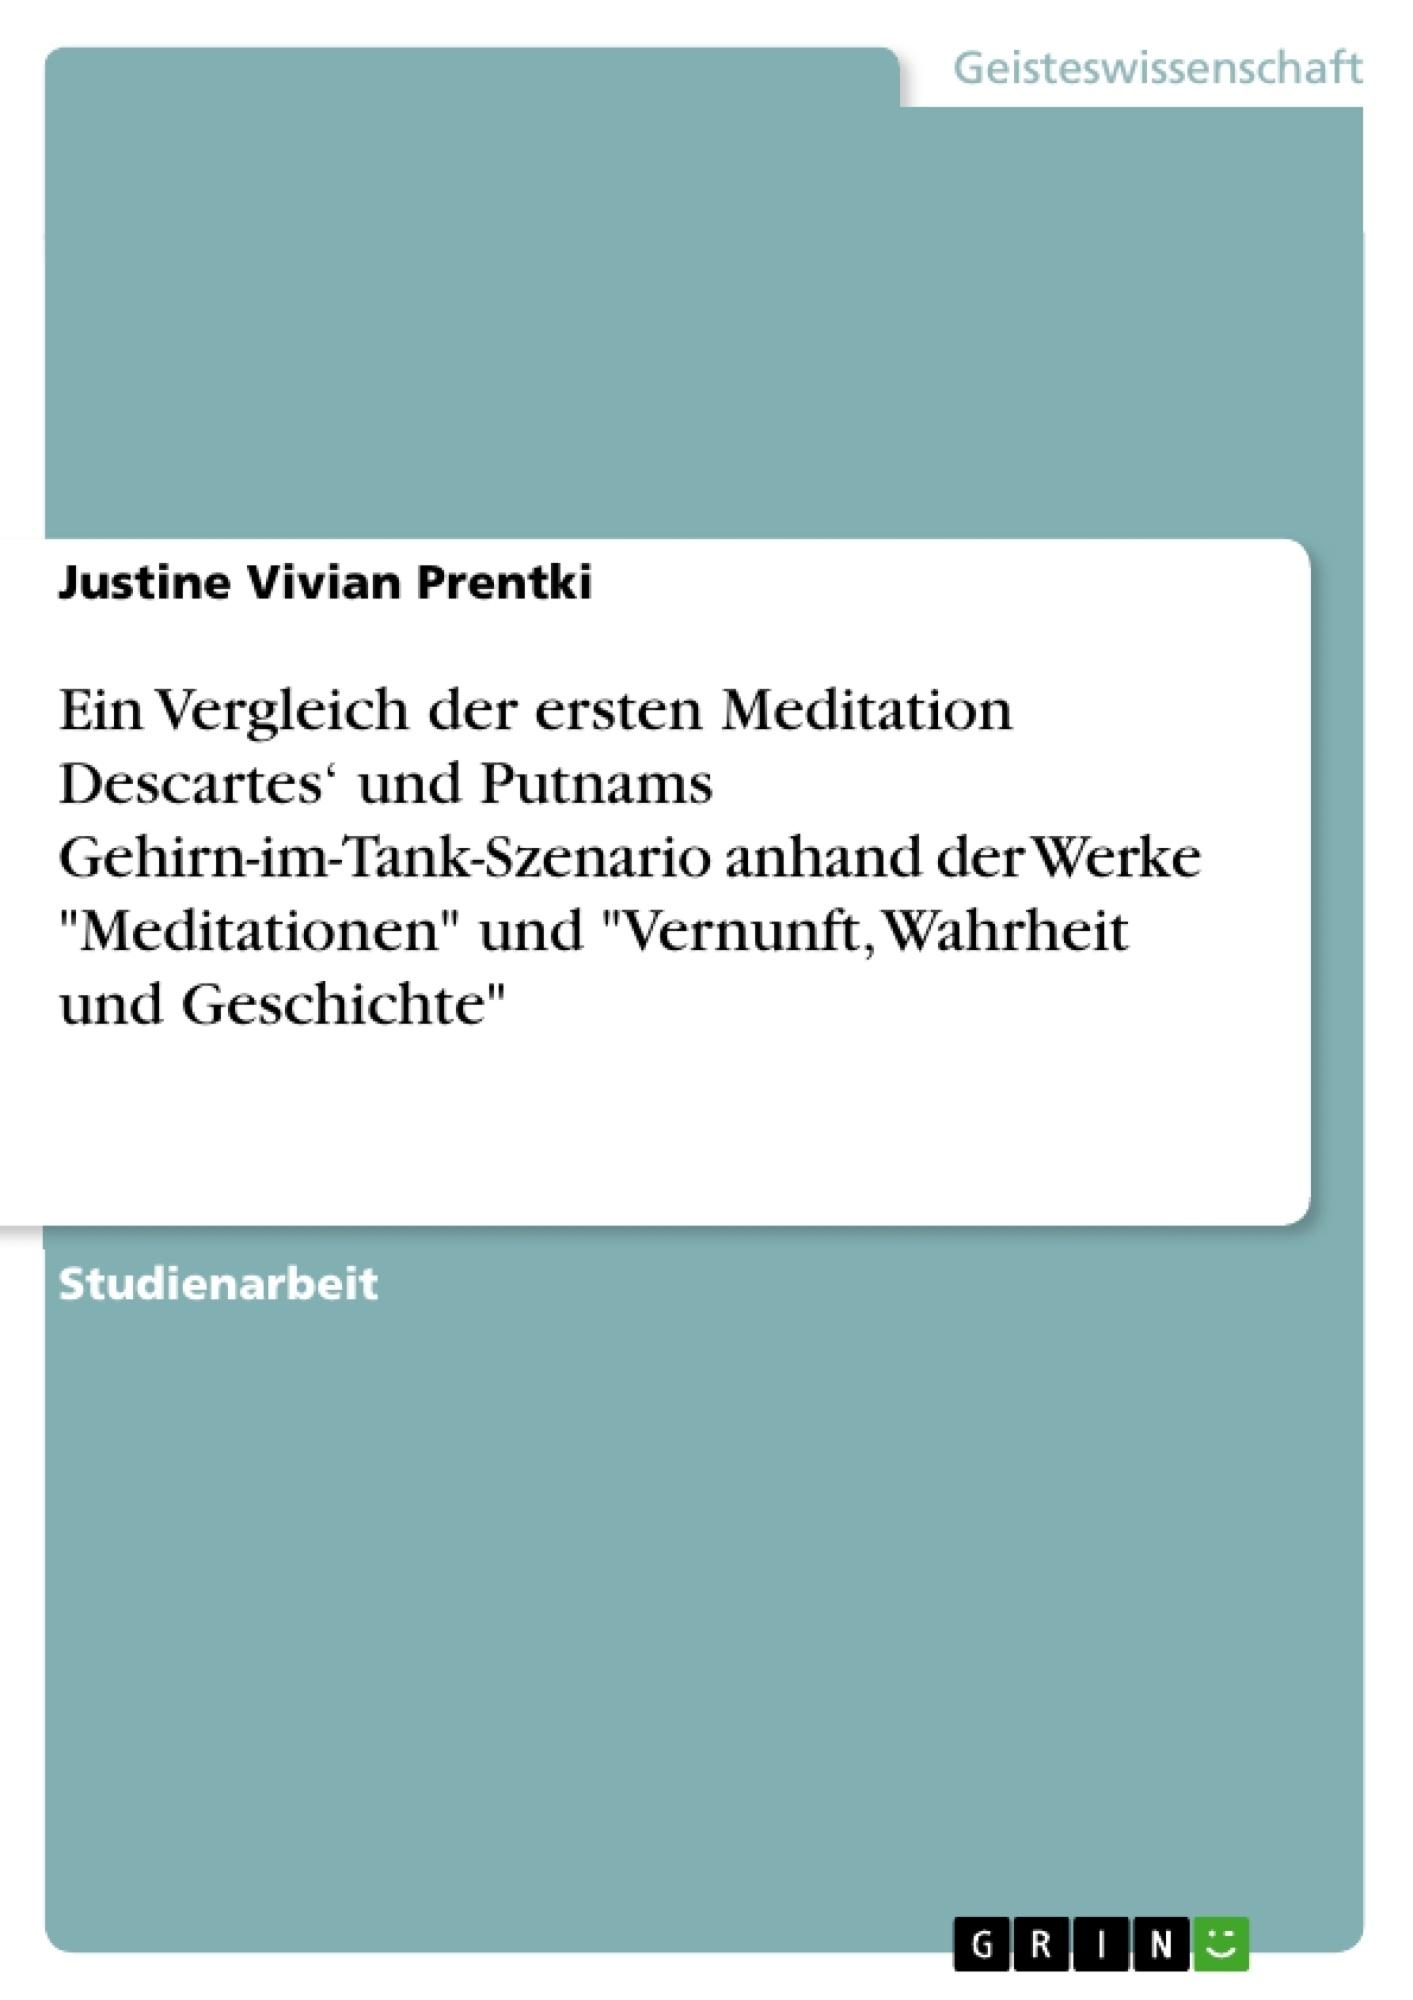 """Titel: Ein Vergleich der ersten Meditation Descartes' und Putnams Gehirn-im-Tank-Szenario anhand der Werke """"Meditationen"""" und """"Vernunft, Wahrheit und Geschichte"""""""